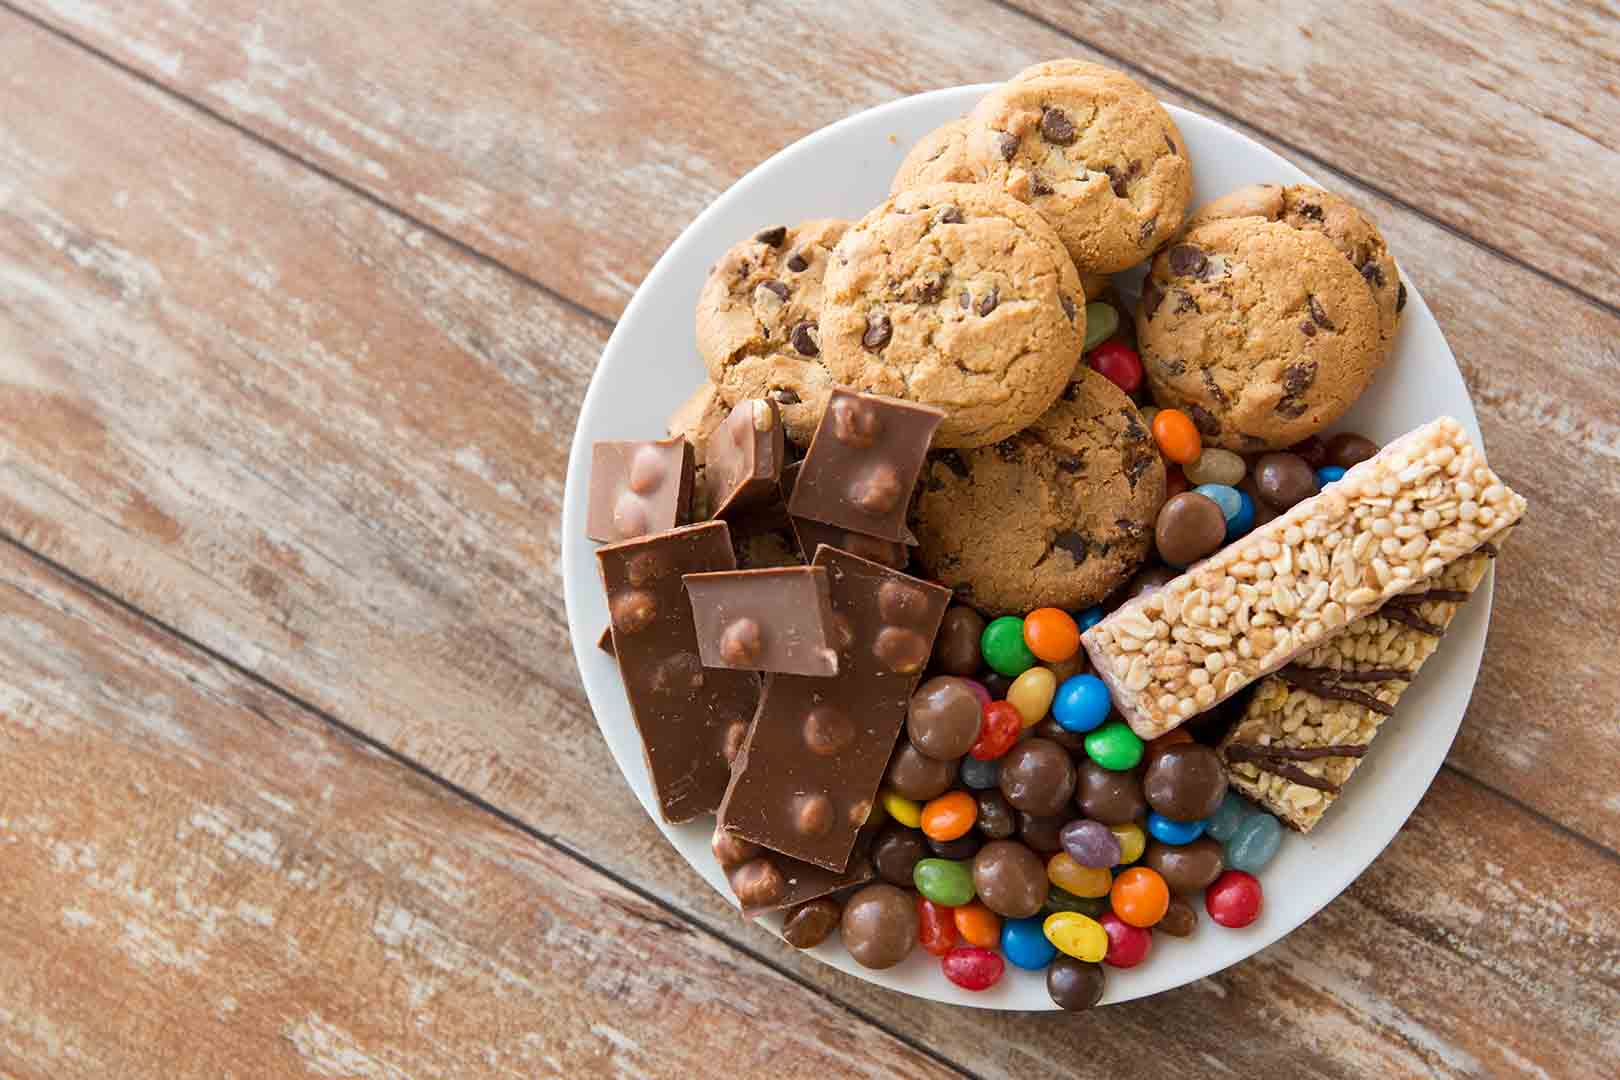 Kenali Dampak Buruk Makanan Manis bagi Kesehatan - Jovee.id